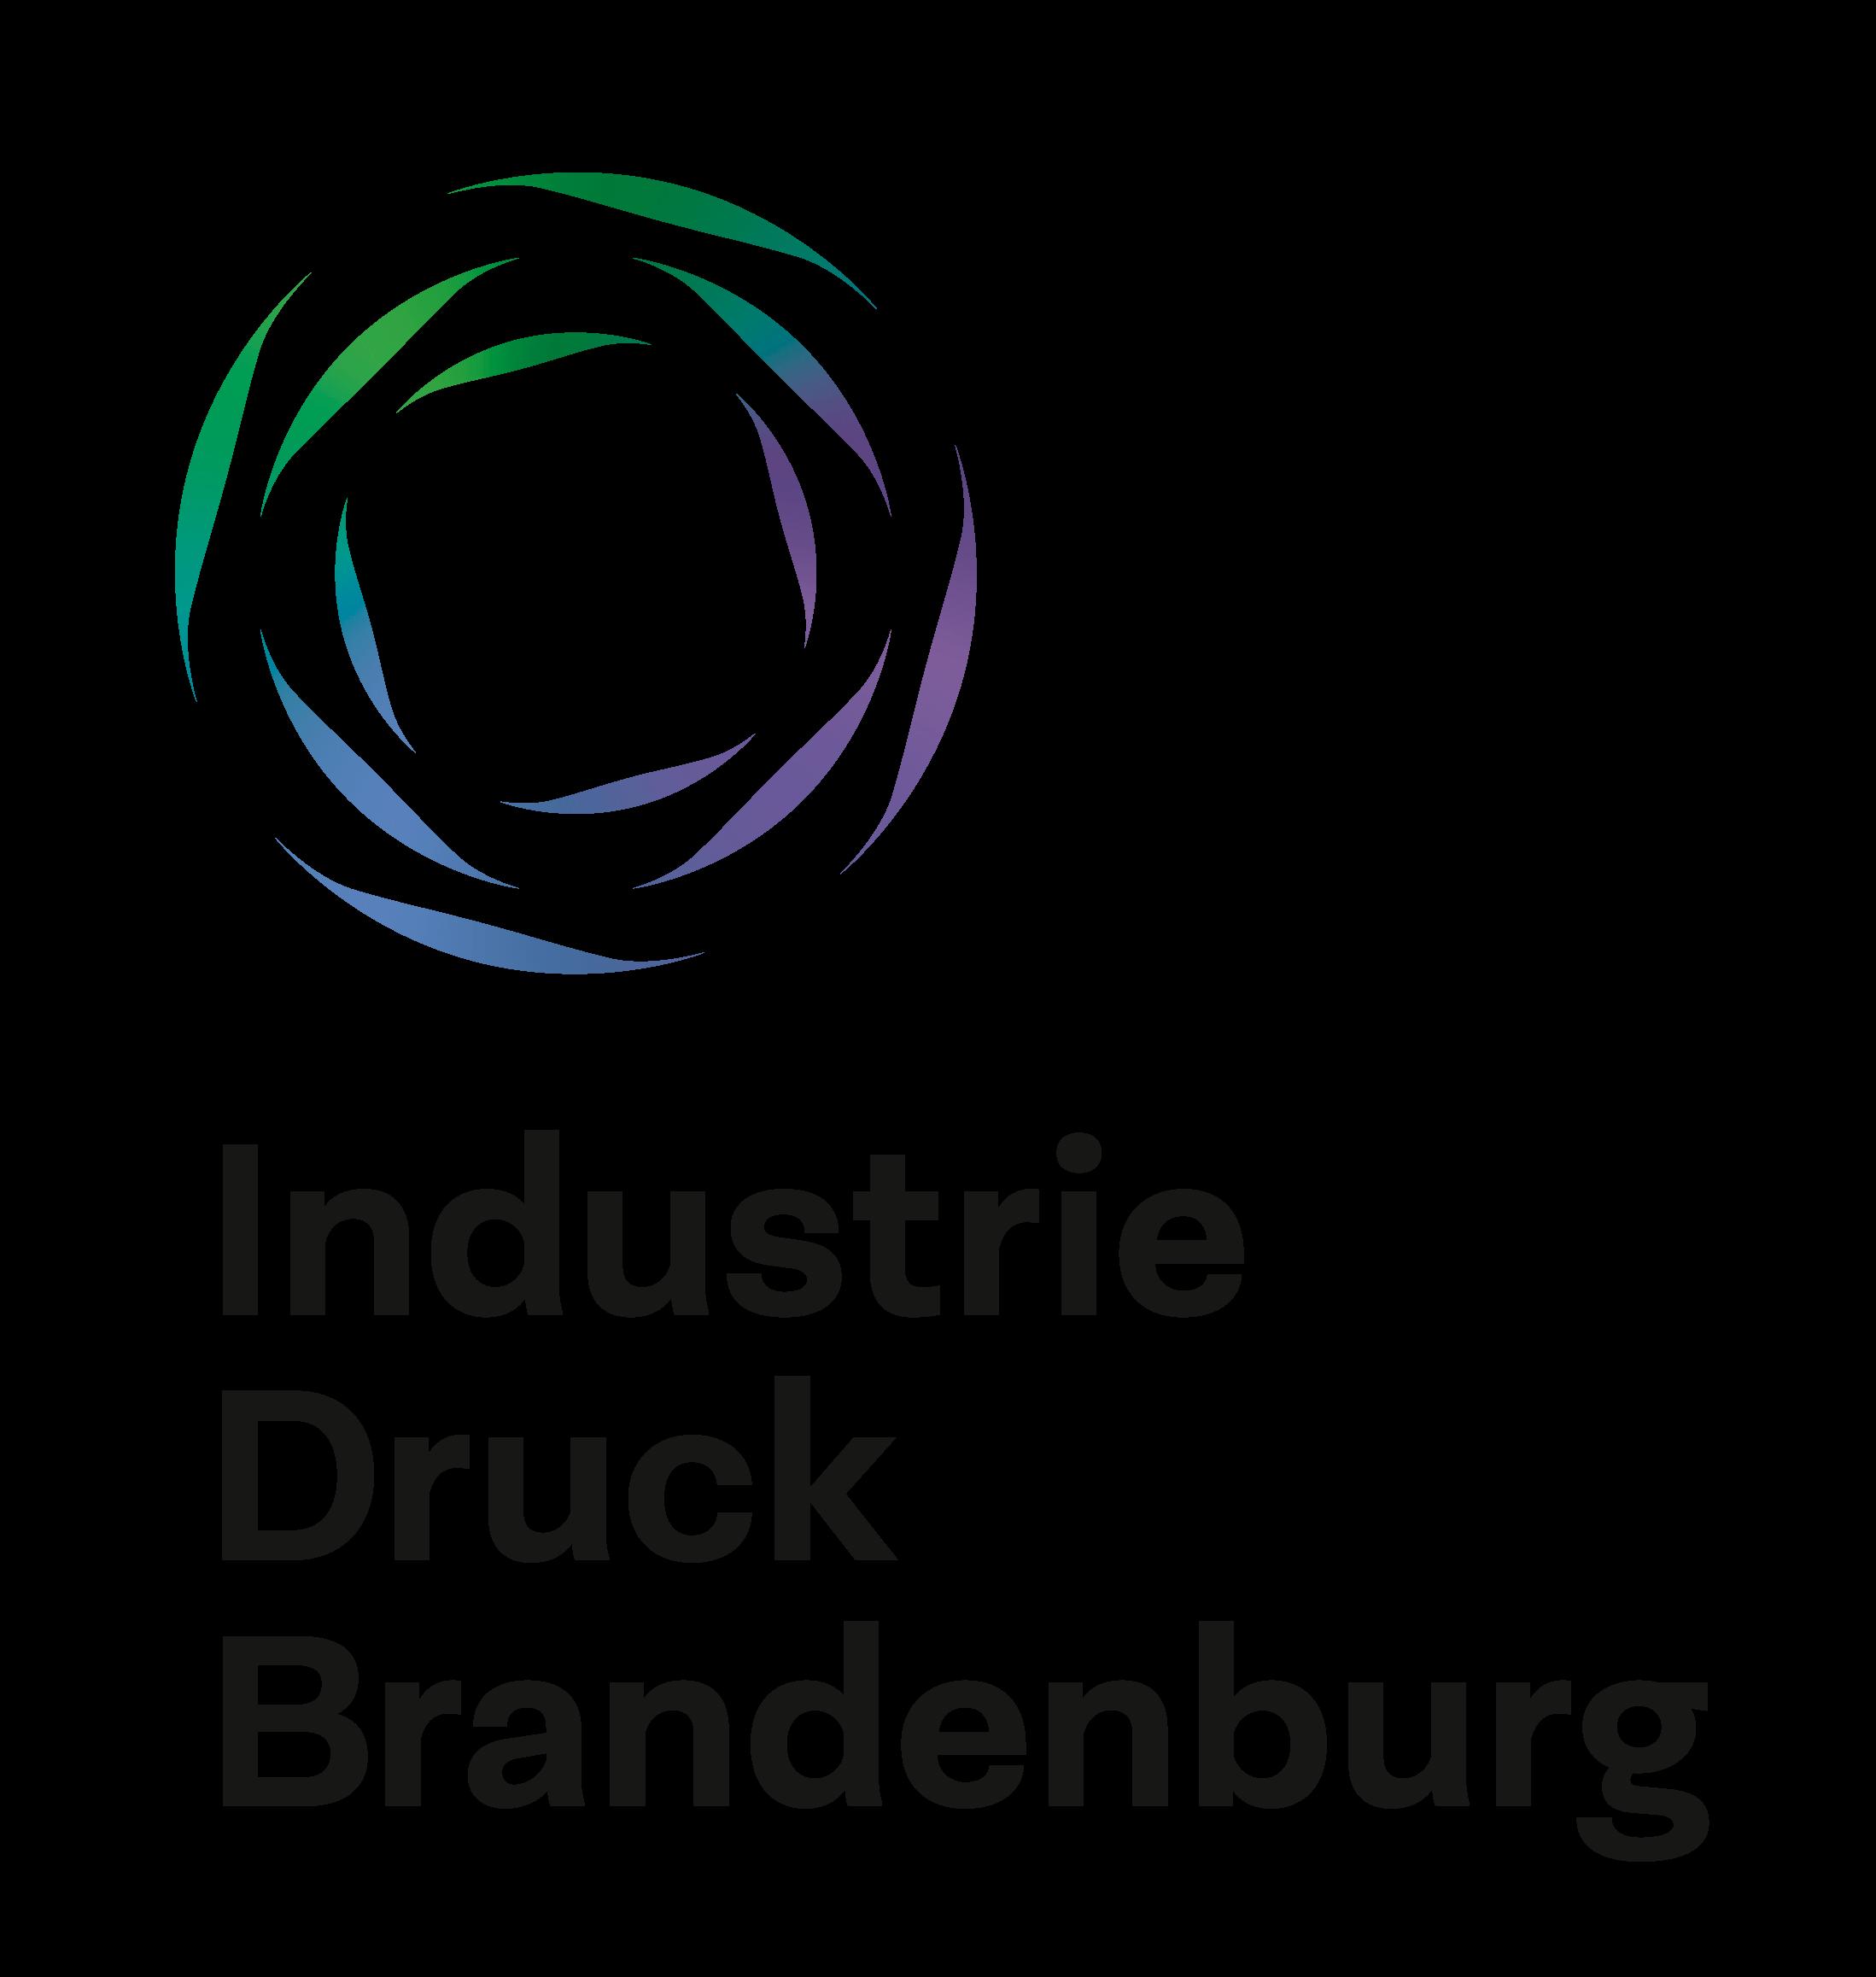 Industriedruck Brandenburg